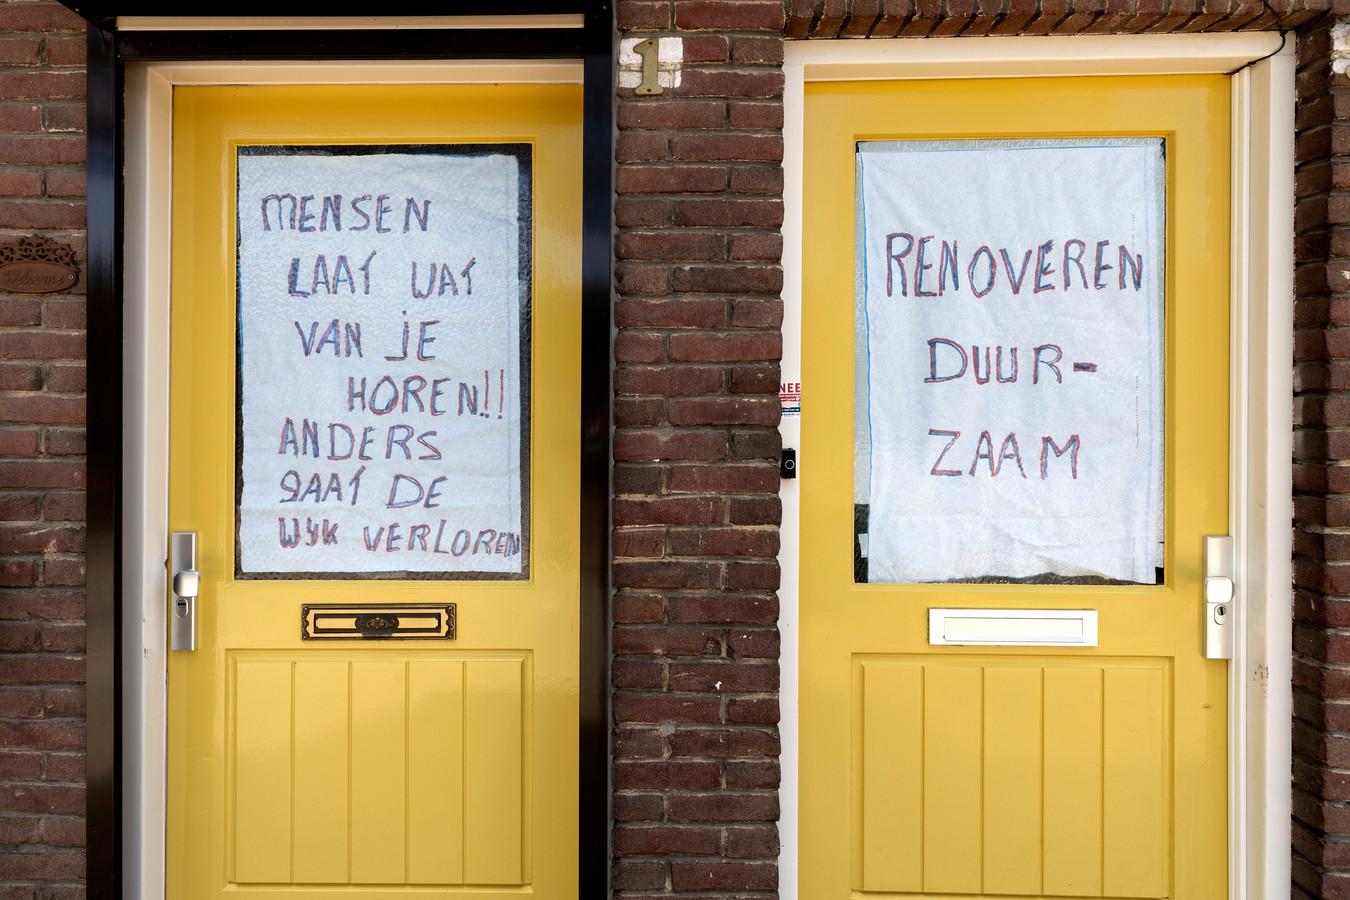 In de Gildebuurt in Eindhoven mochten bewoners kiezen tussen renoveren en sloop\nieuwbouw. Ondanks actieposters, zoals hier achter de voordeur aan de Wassenaarstraat, voor renovatie, werd het toch sloop.